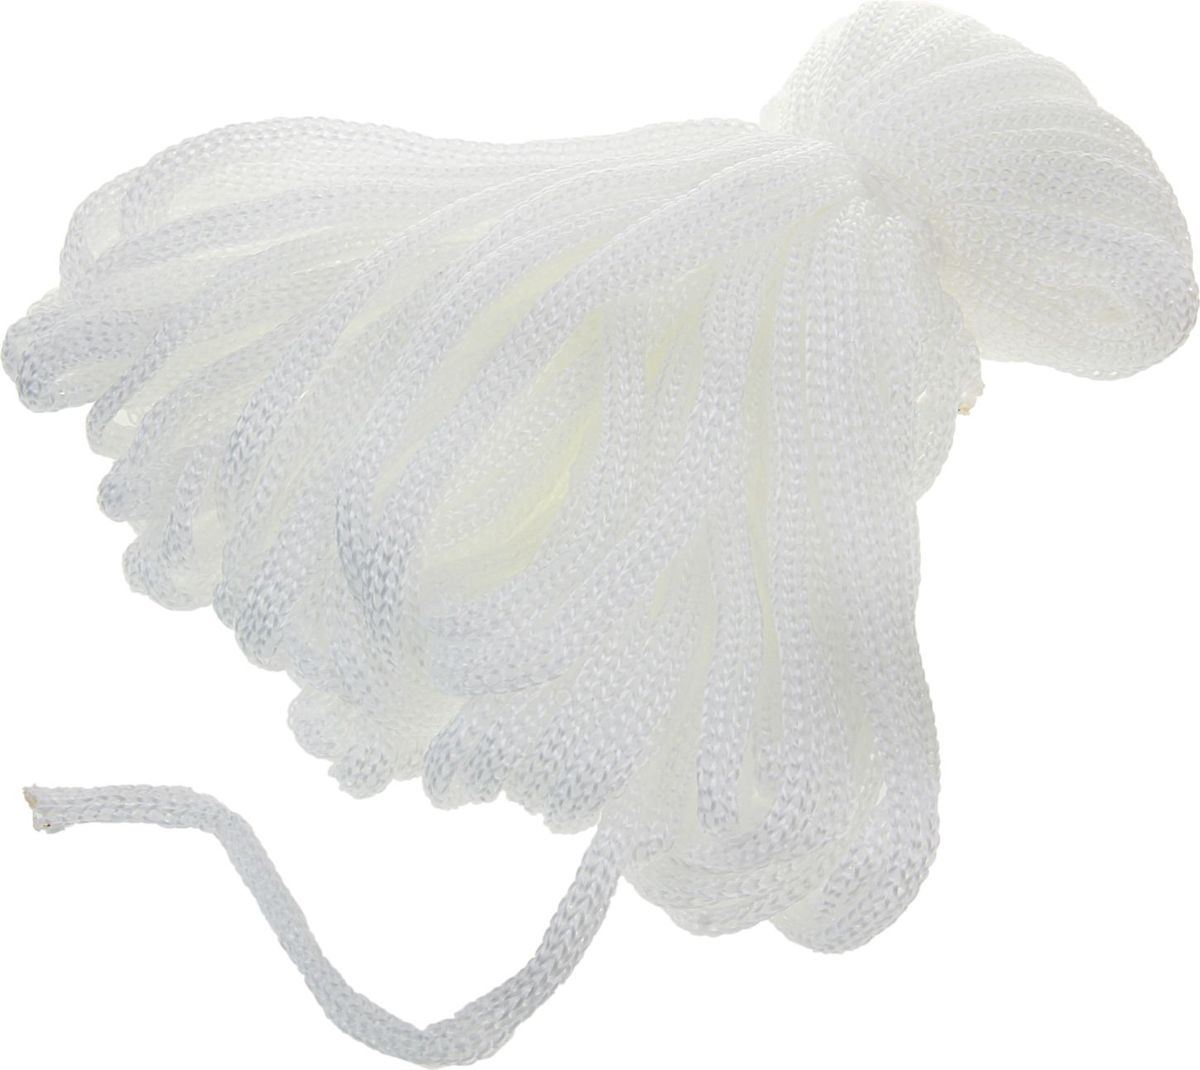 Шпагат полипропиленовый Банные Секреты, цвет: белый, 5 мм, 30 м1124437Шпагат полипропилен, 30 м, d=5 мм представляет собой изделие, которое используется для бытовых и технологических нужд в различных отраслях производства. В хозяйстве его используют для сушки белья, вместо веревки, для упаковки вещей, при хранении овощей. Изделие обладает большой прочностью. Изготавливается ## из очень качественного сырья первичного производства путем скручивания. Он является достаточно тонким, но при этом выдерживает большое давление. Вместе с тем шпагат имеет определенные достоинства: небольшая стоимость устойчивость к разрывам и растяжениям устойчивость к температурным сдвигам большая влагостойкость хорошие теплоизоляционные свойства. Выбирайте надежные товары по привлекательной цене